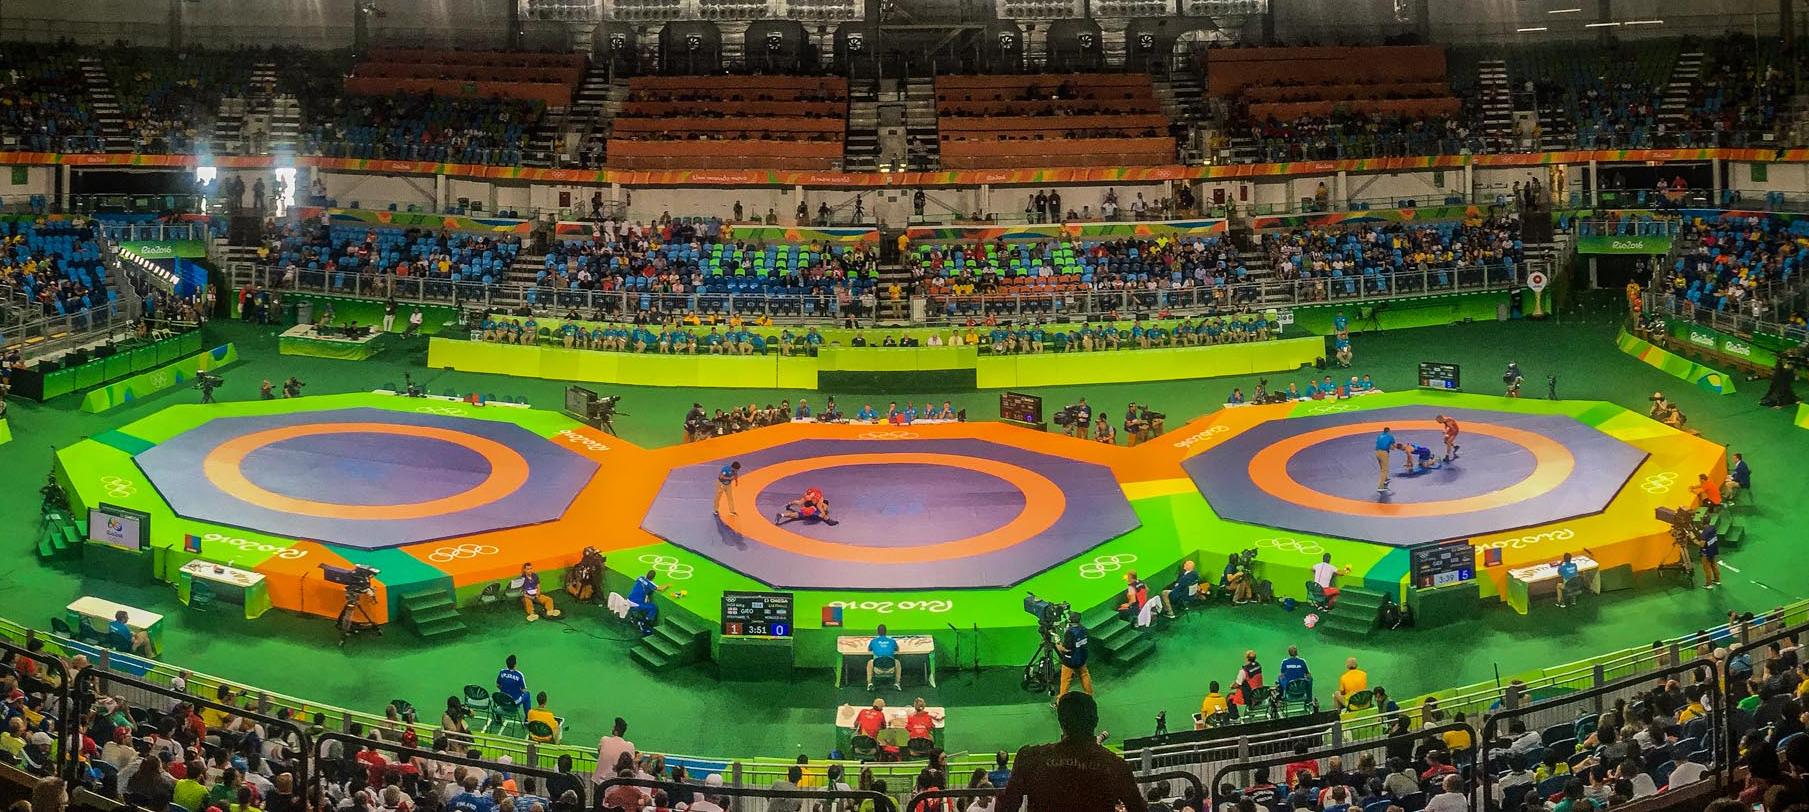 作为四届奥运会器材供应商,泰山体育在本届奥运会上为跆拳道、柔道、摔跤、田径、自行车等11个大项提供了近万件器材。新华社记者刘大伟摄